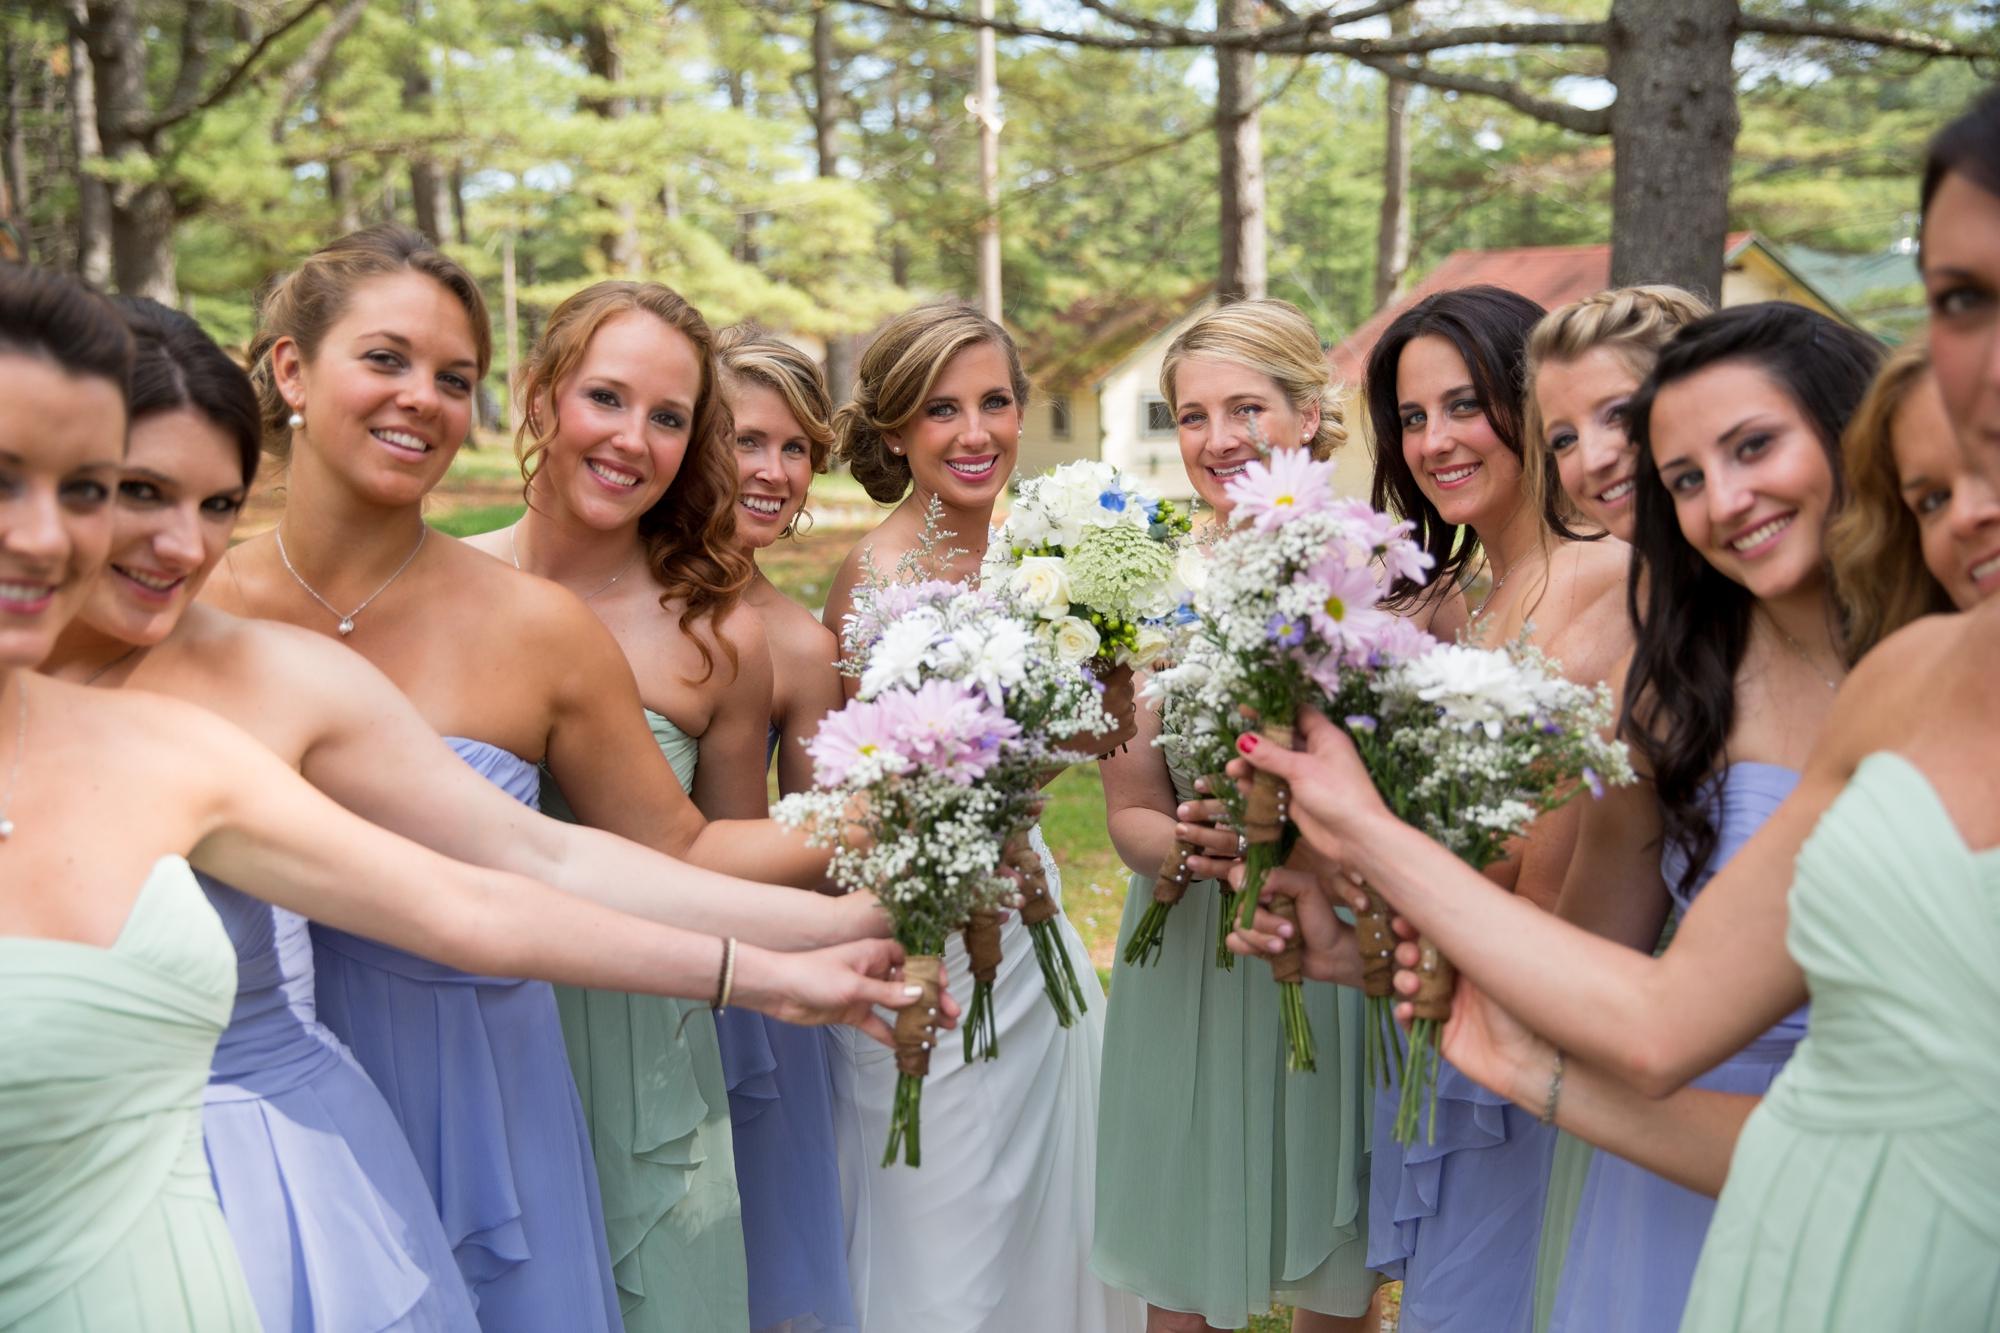 Albany NY Wedding Photographer Justin Tibbitts Photography 2014 Best of Albany NY Weddings-46811168